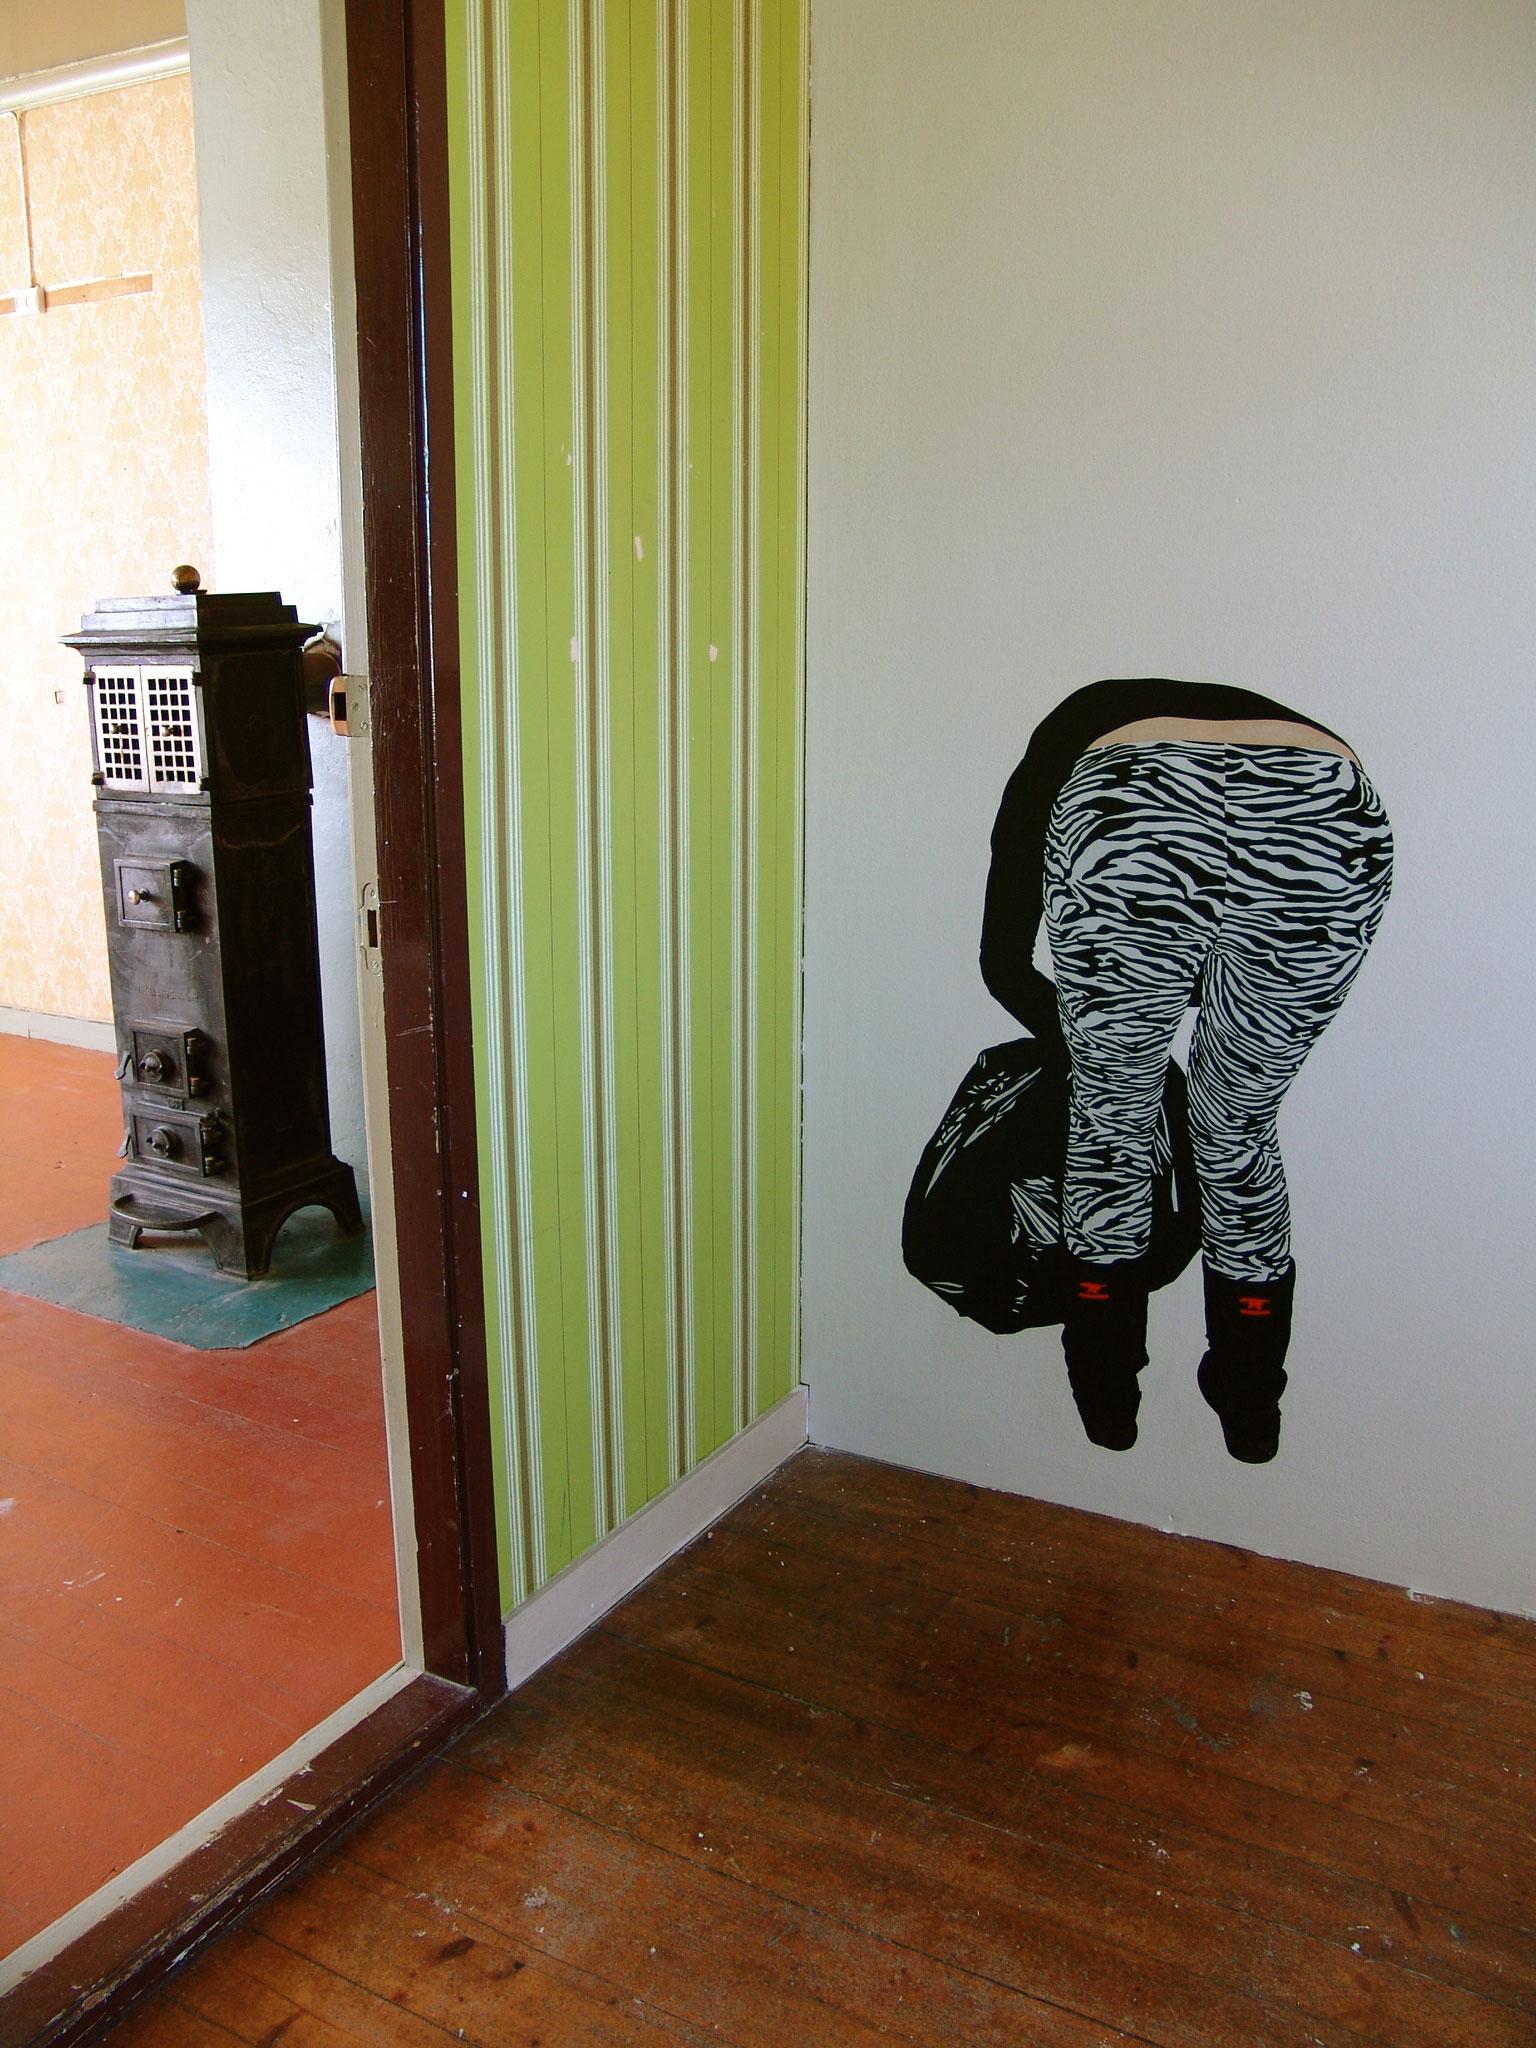 Alison Jones, painting